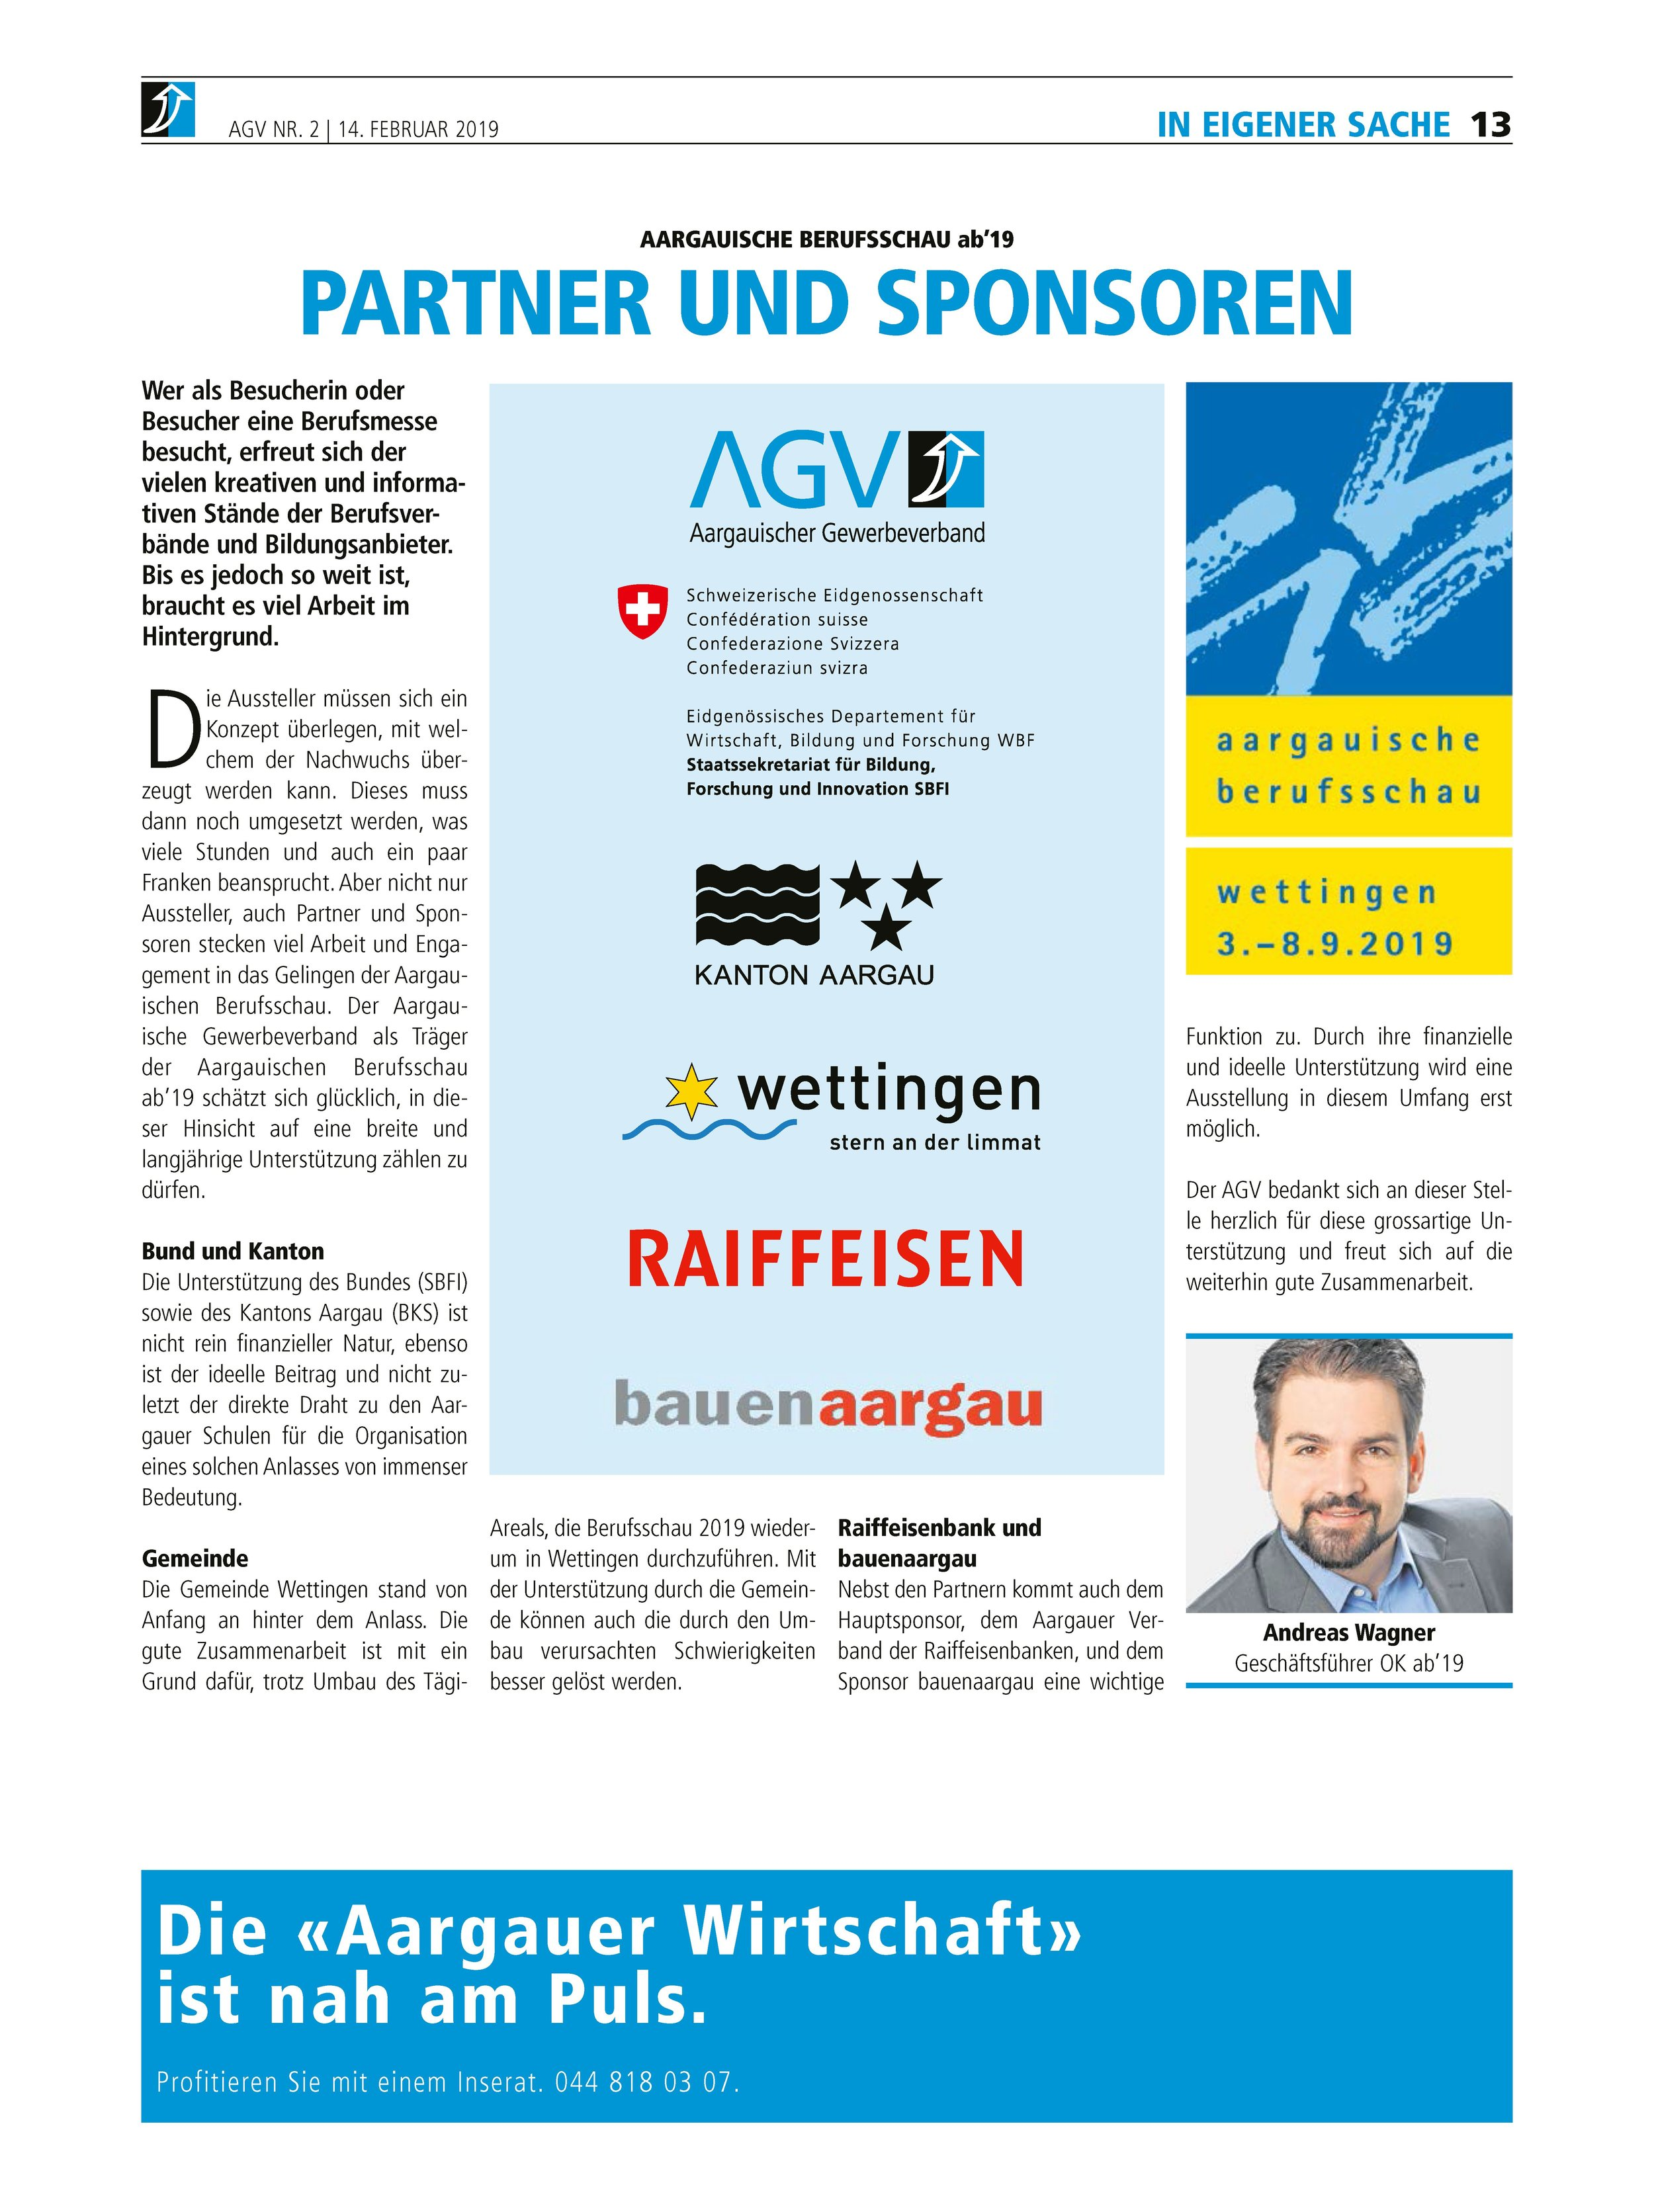 AGWI 1902 - Partner und Sponsoren - AW.jpg